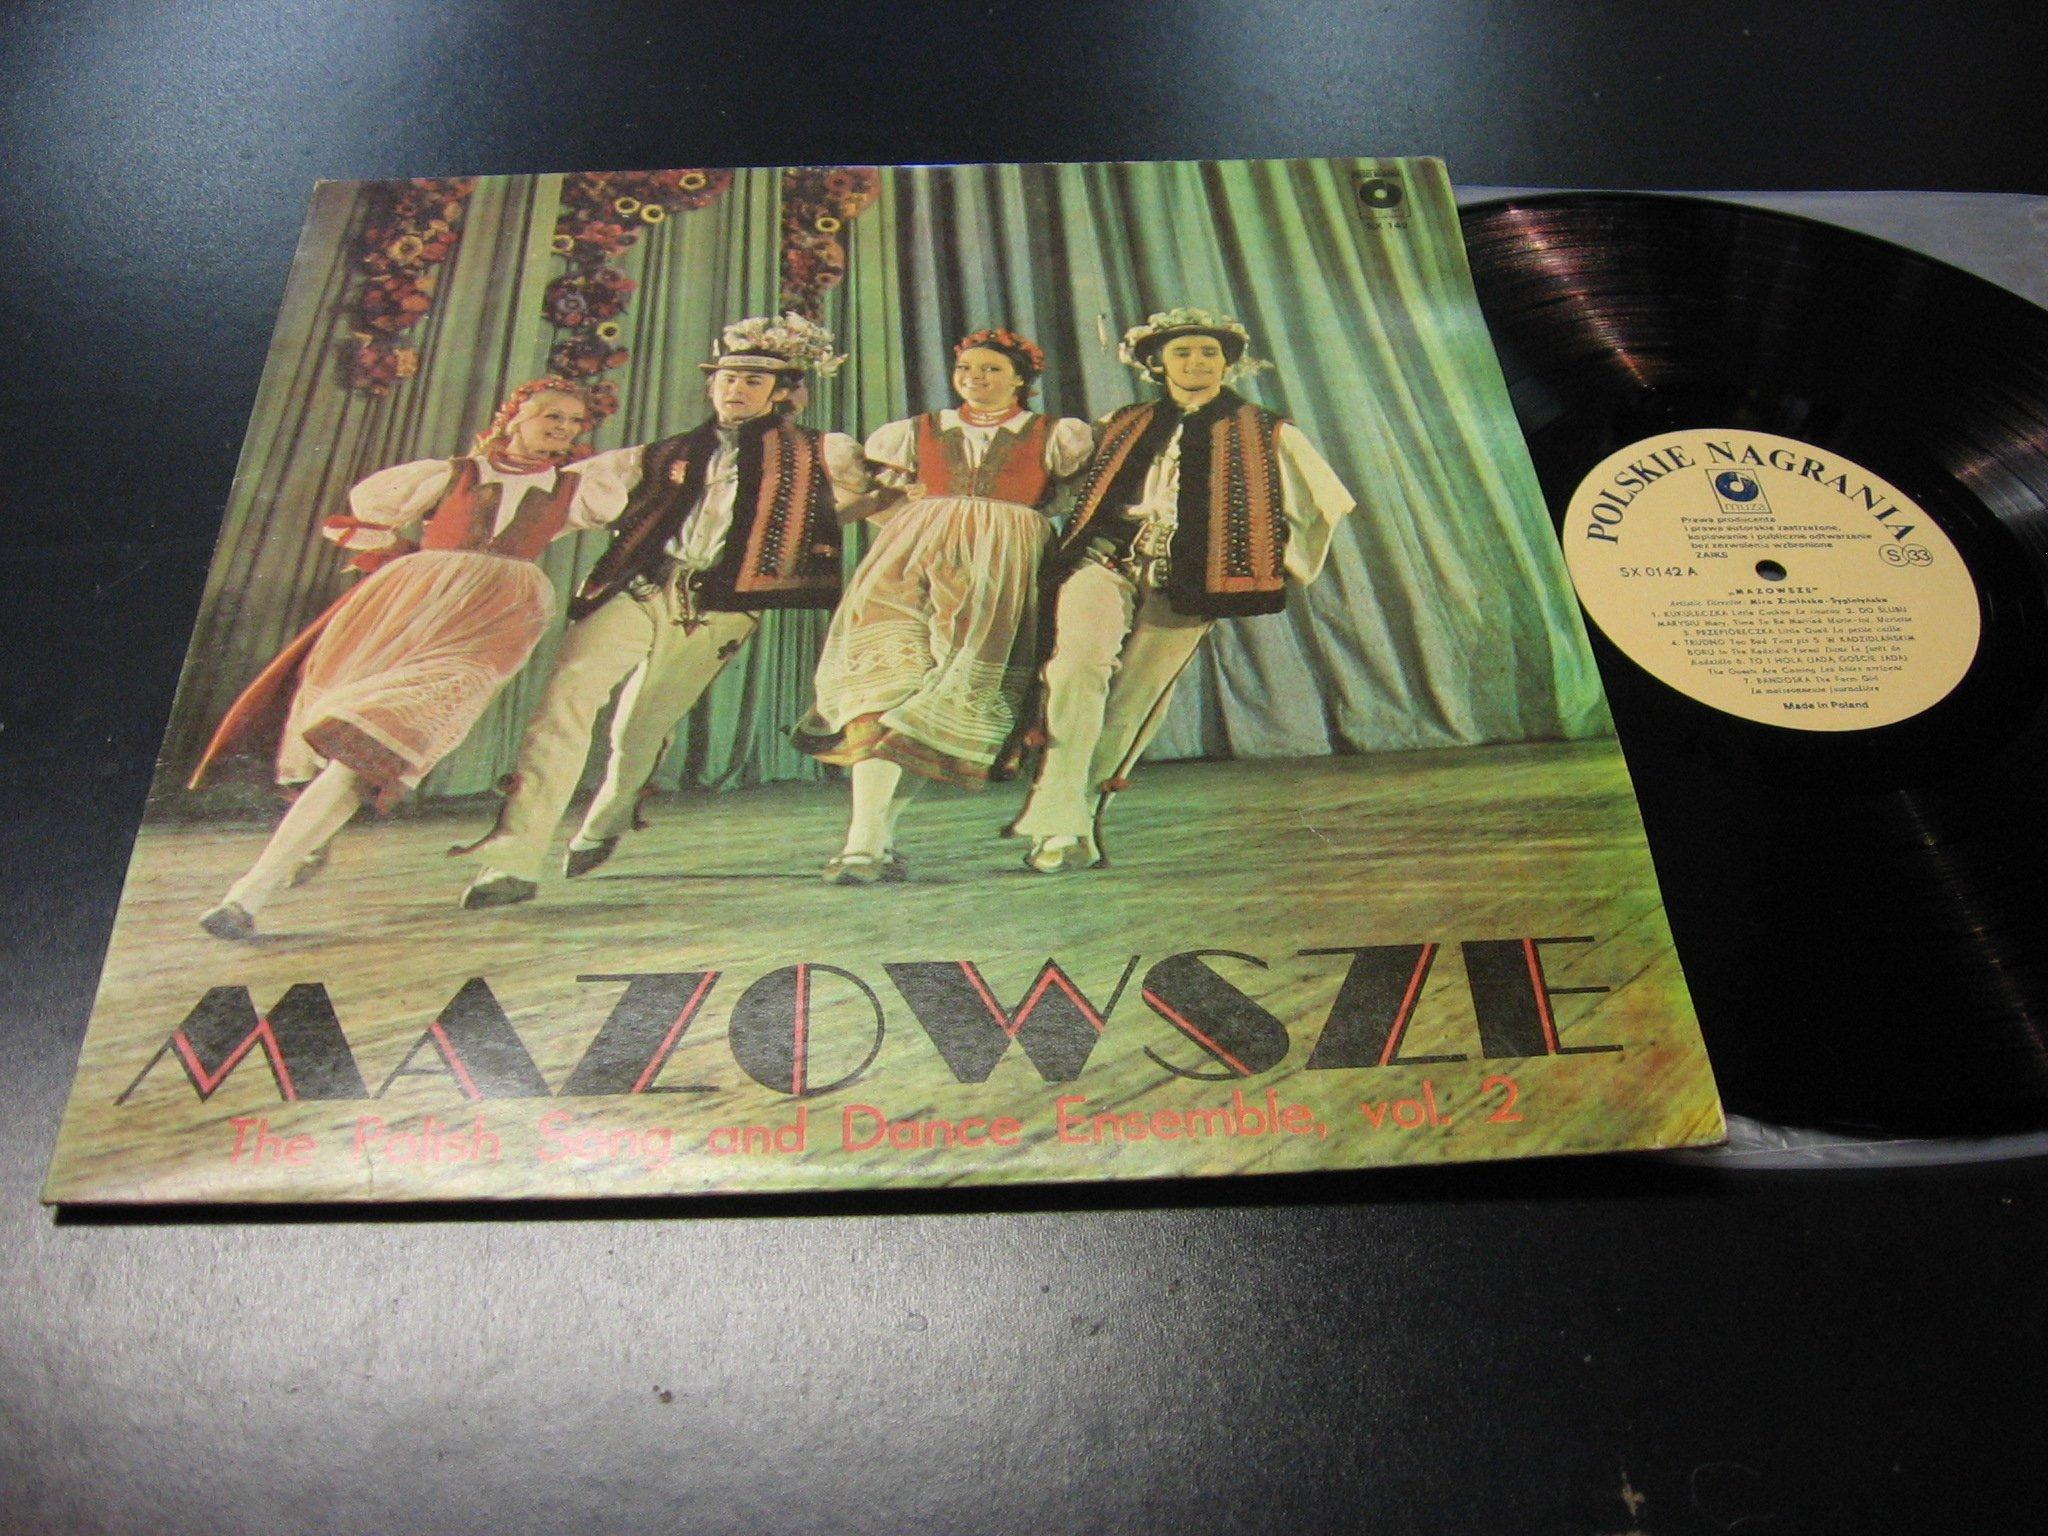 MAZOWSZE vol.2 - LP - Opole